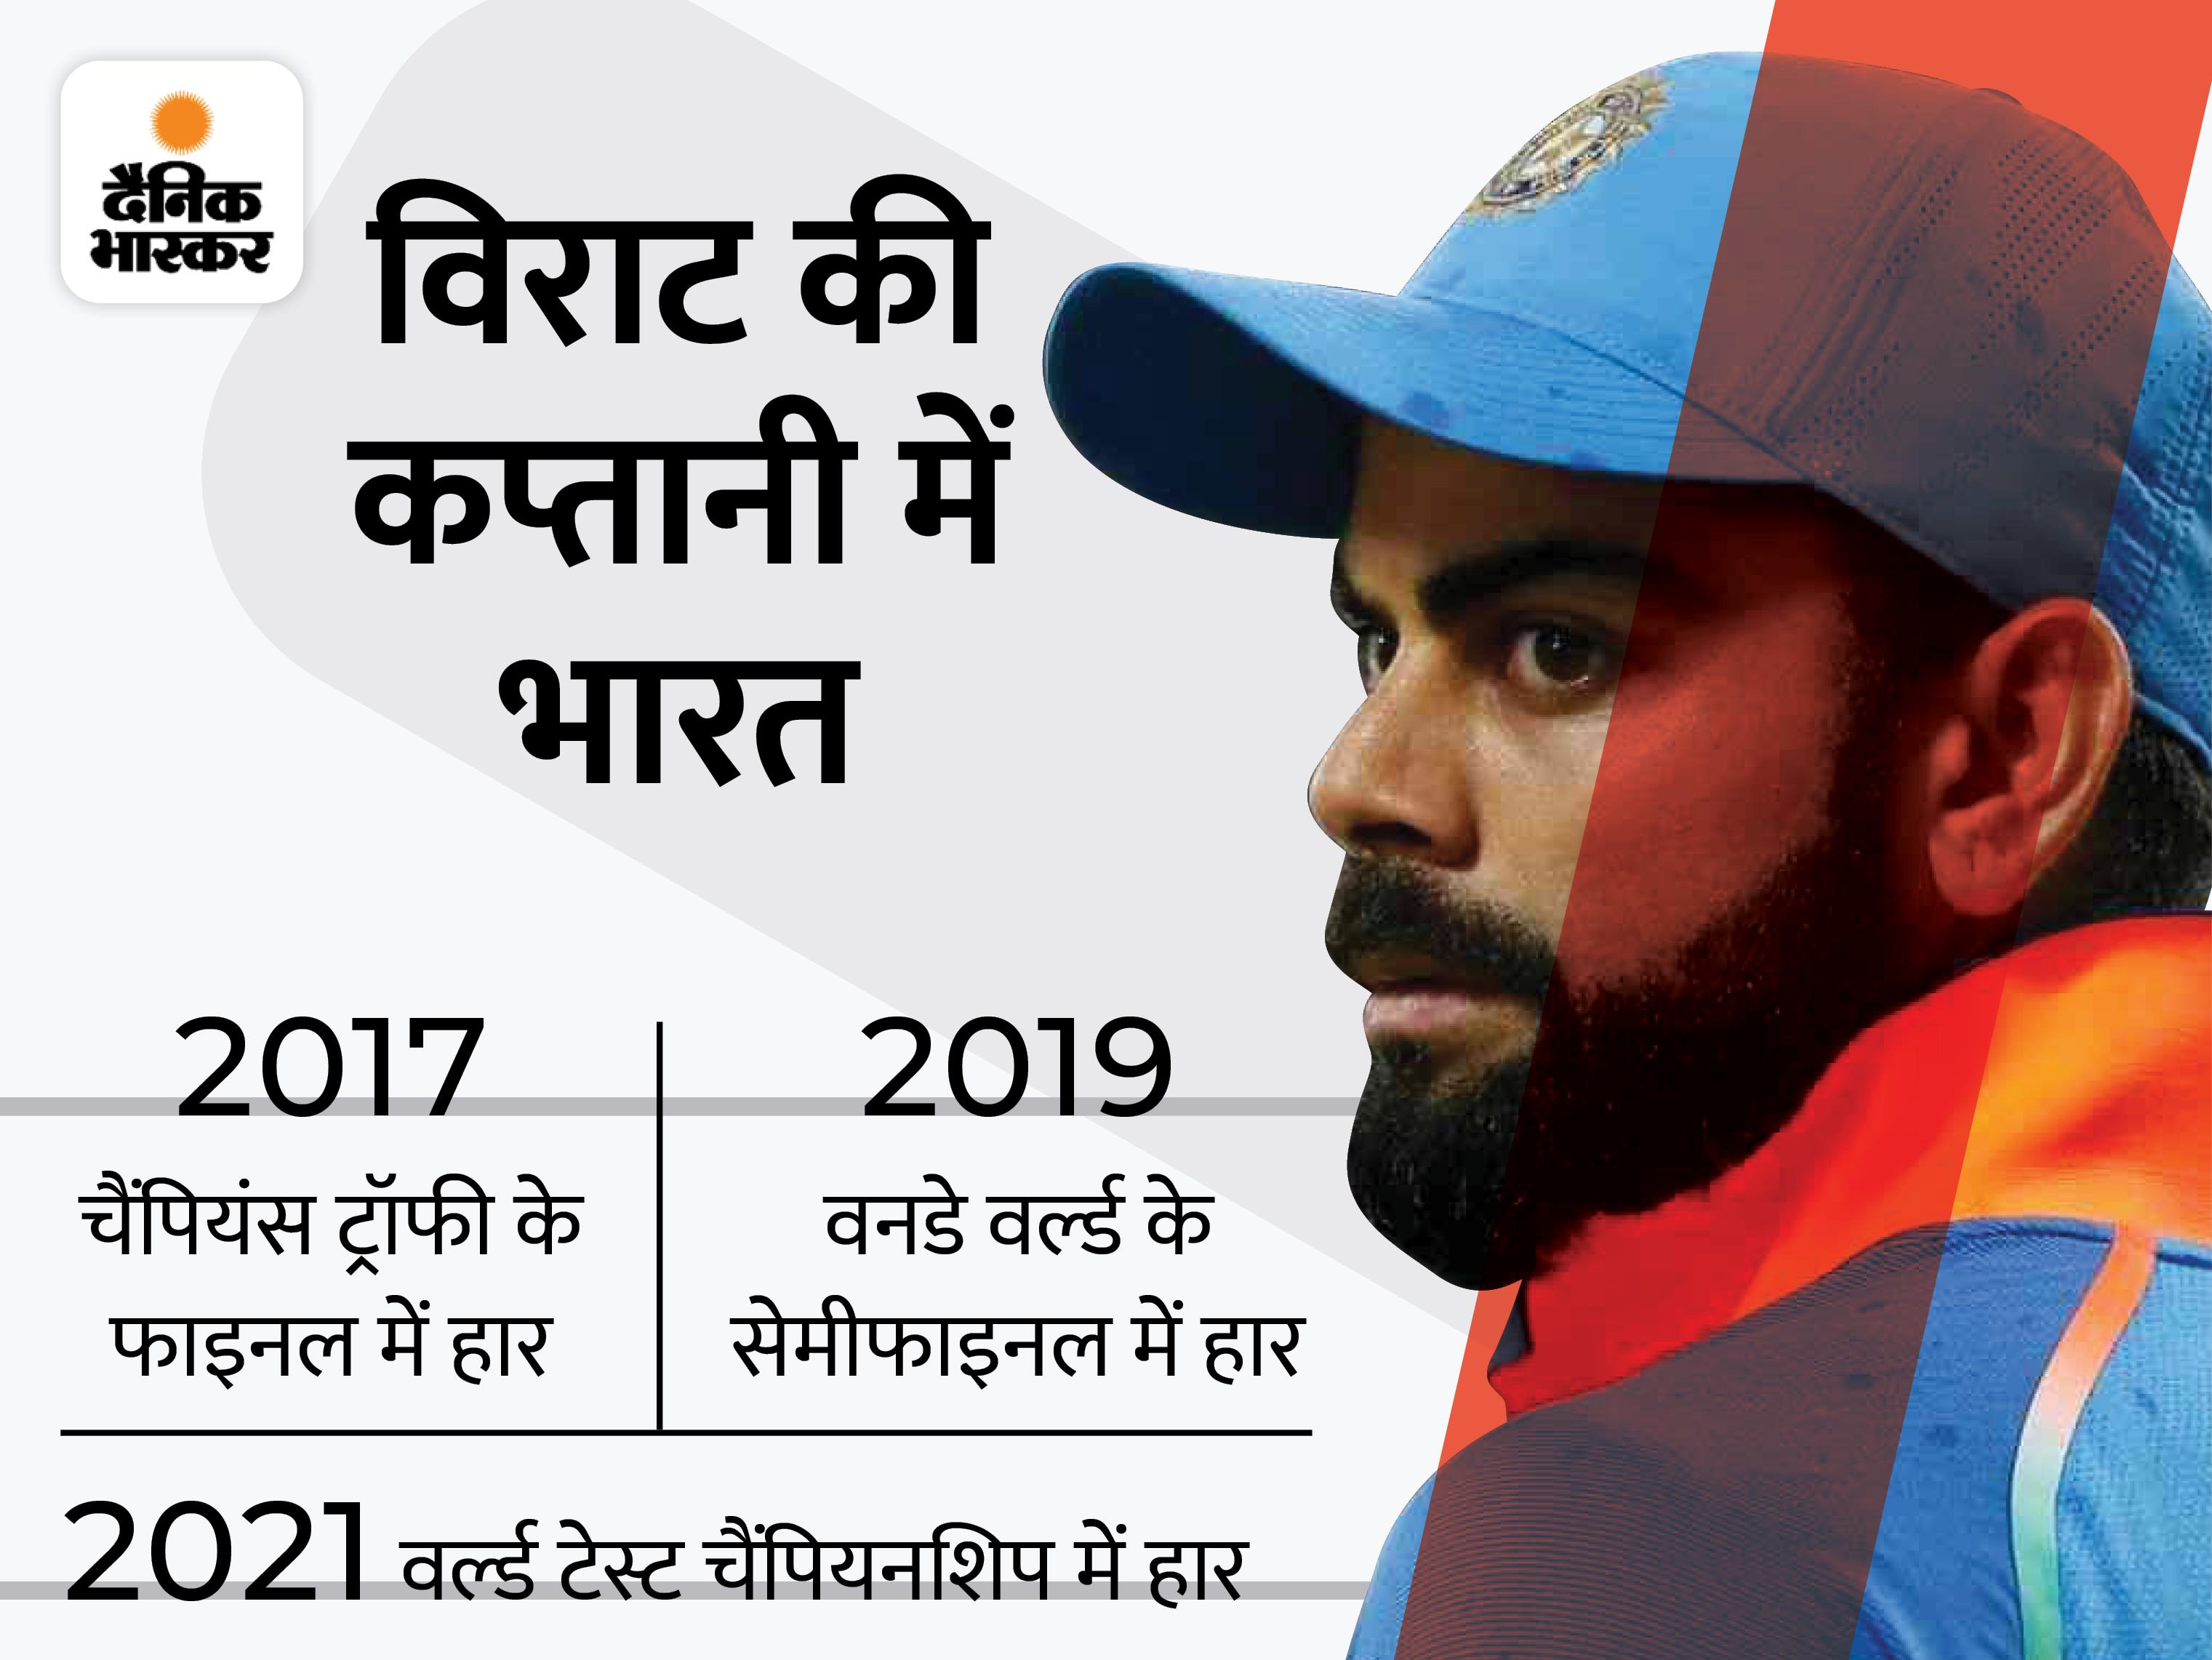 विराट कोहली को 2017 में भारतीय टीम के सभी फॉर्मेट का कप्तान बनाया गया था।